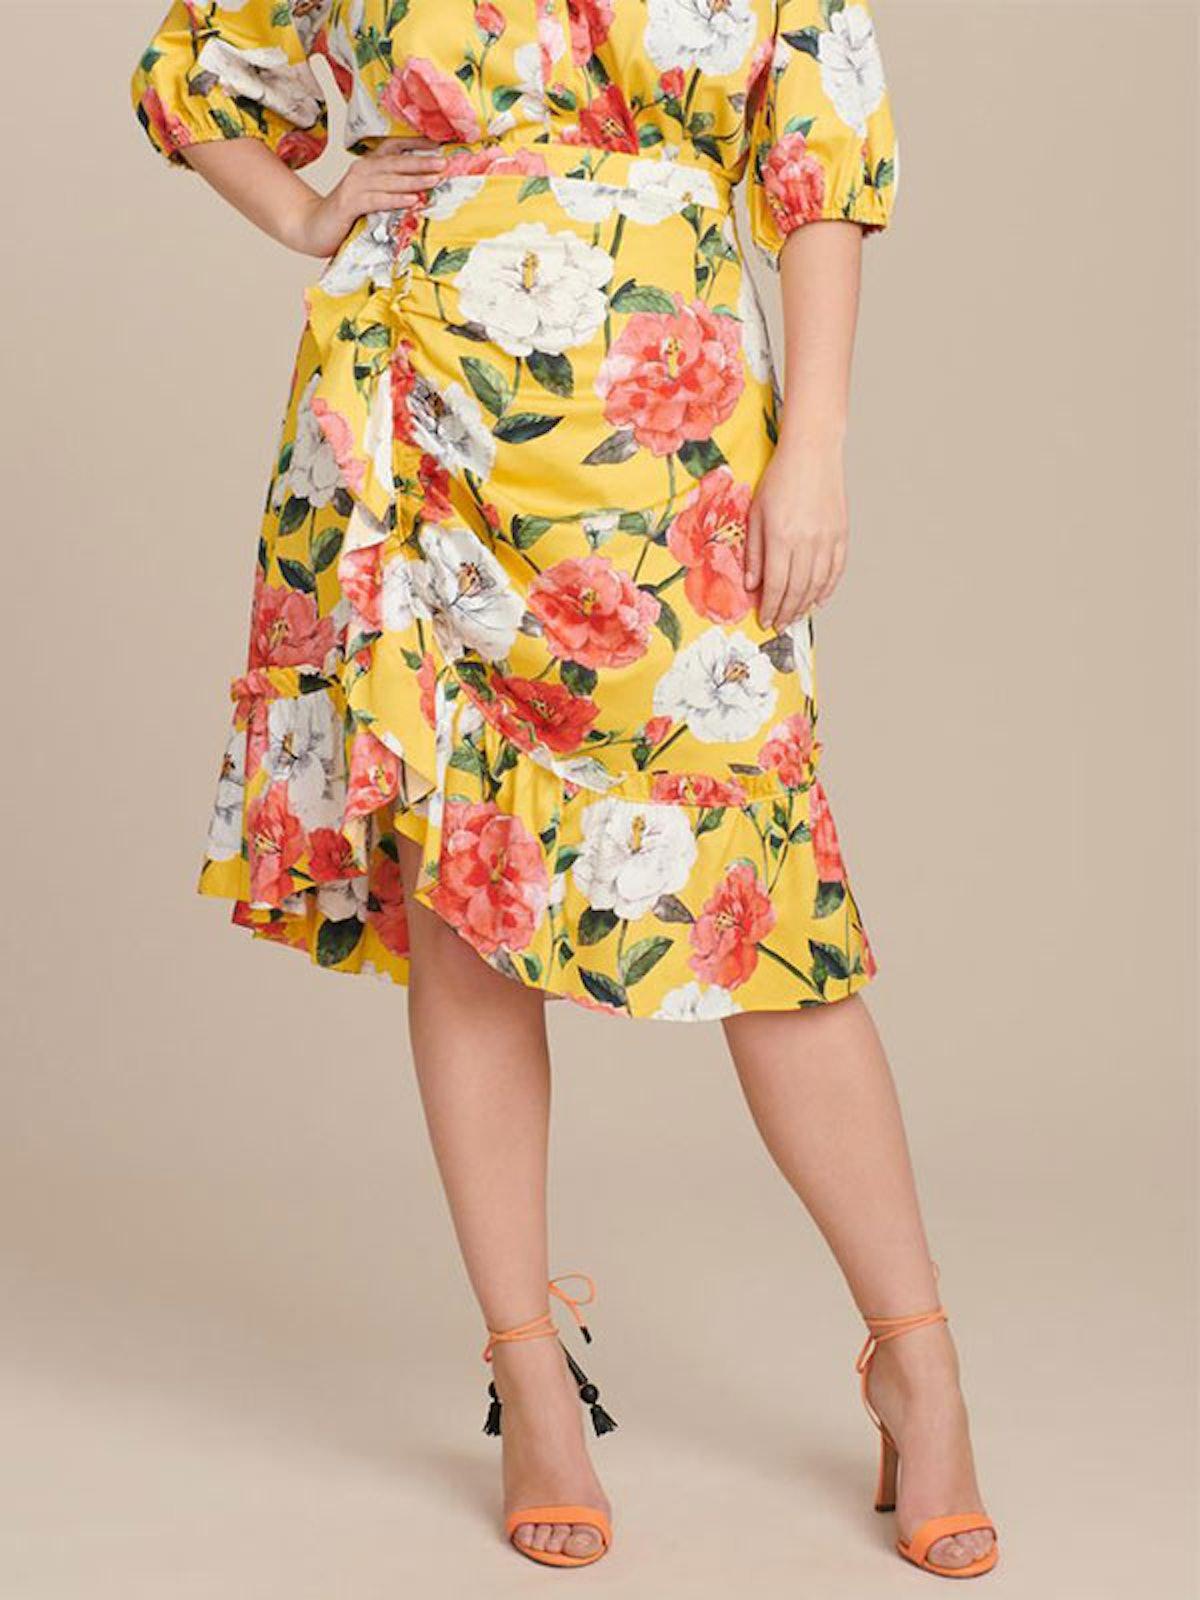 Coraline Skirt